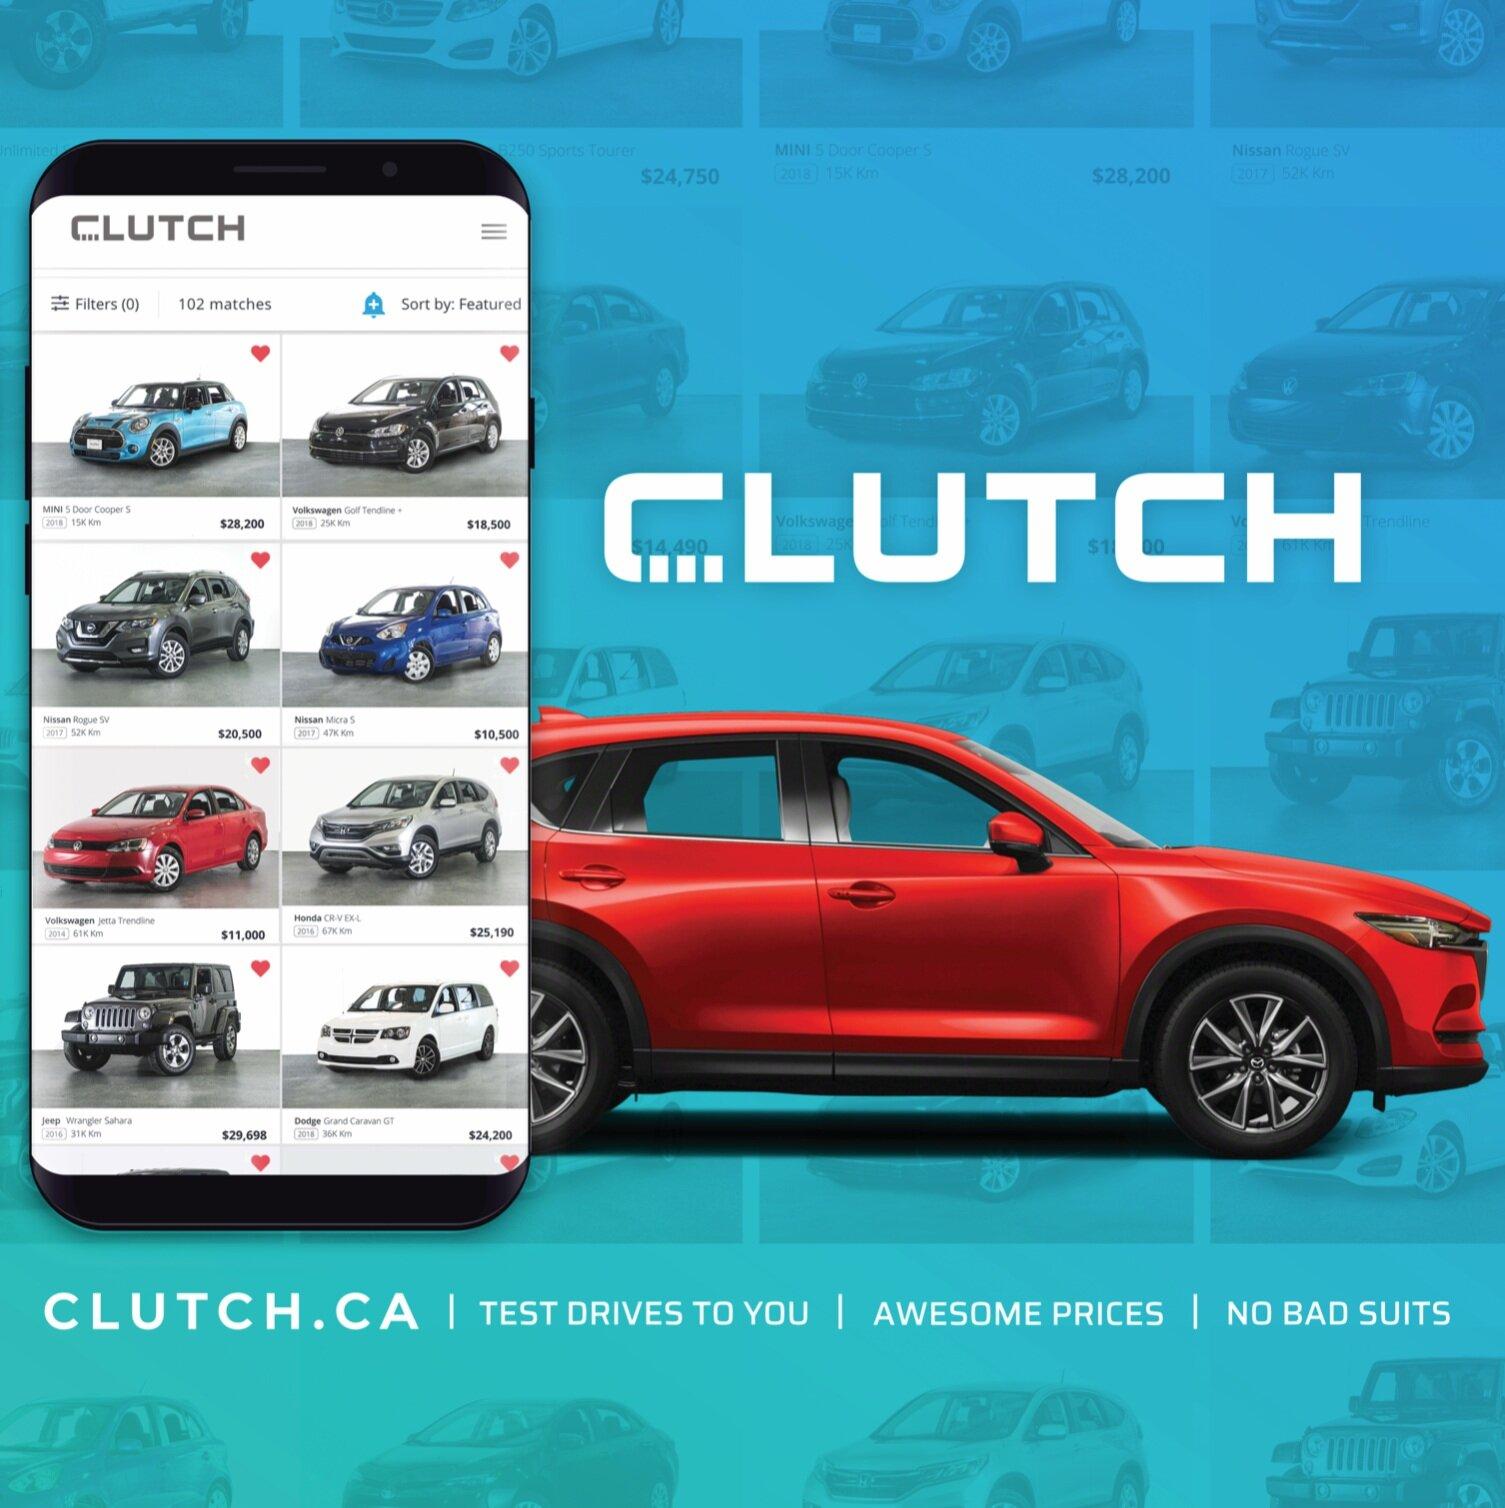 Clutch_Square.jpg